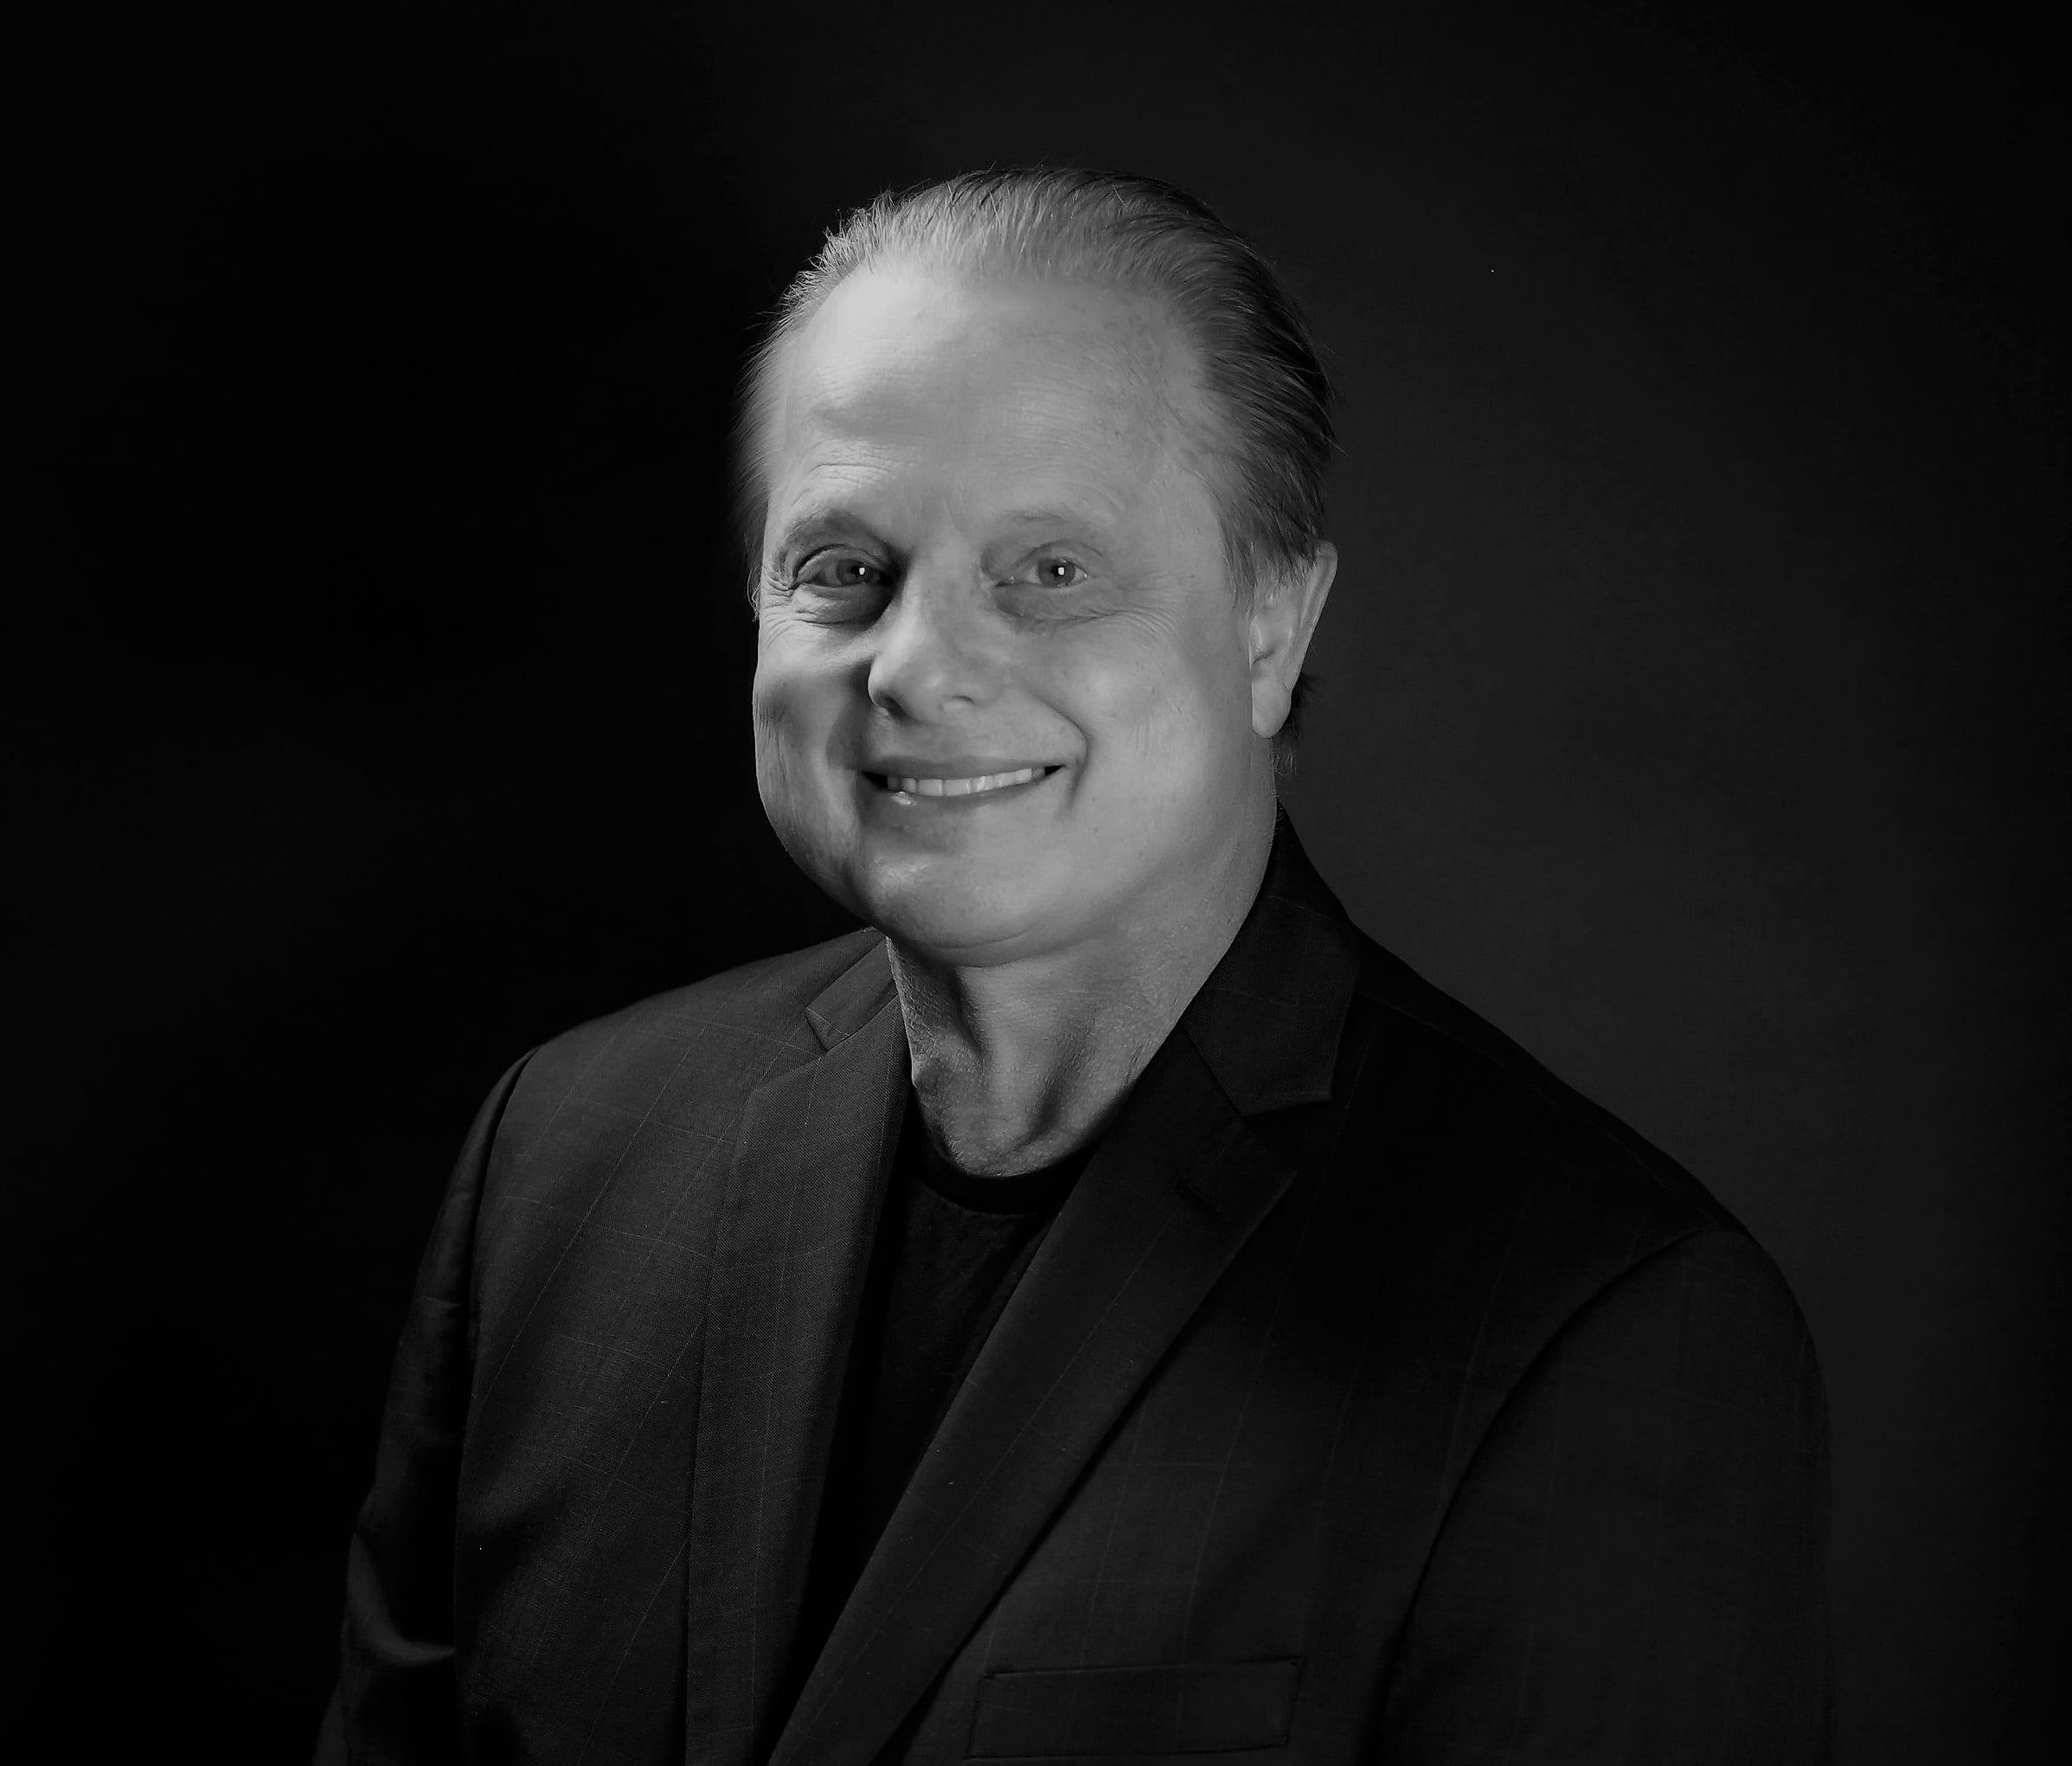 Dr. David Domaas